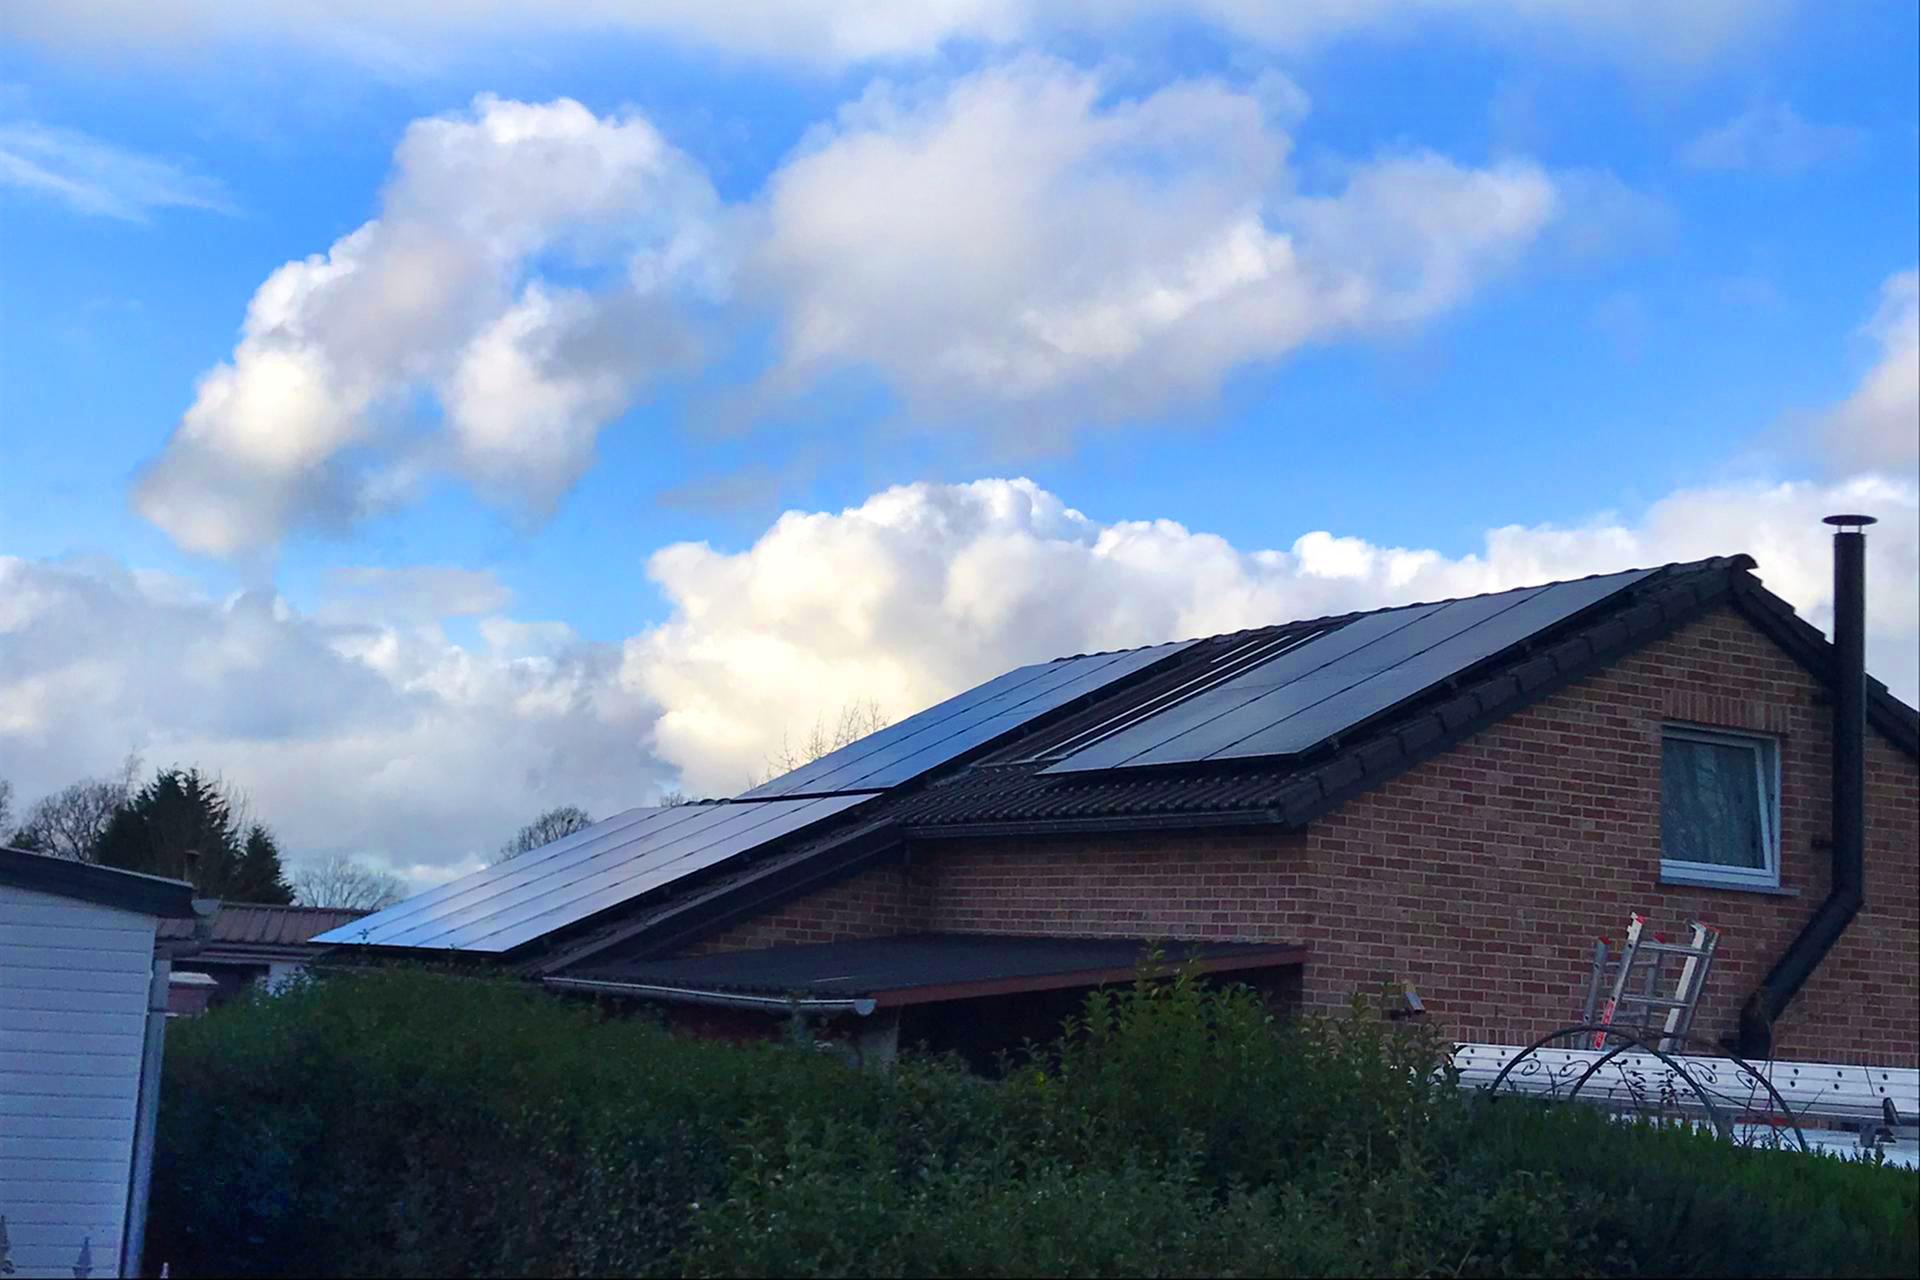 Installation panneaux photovoltaïques Sunpower Maxeon3 390 Energreen